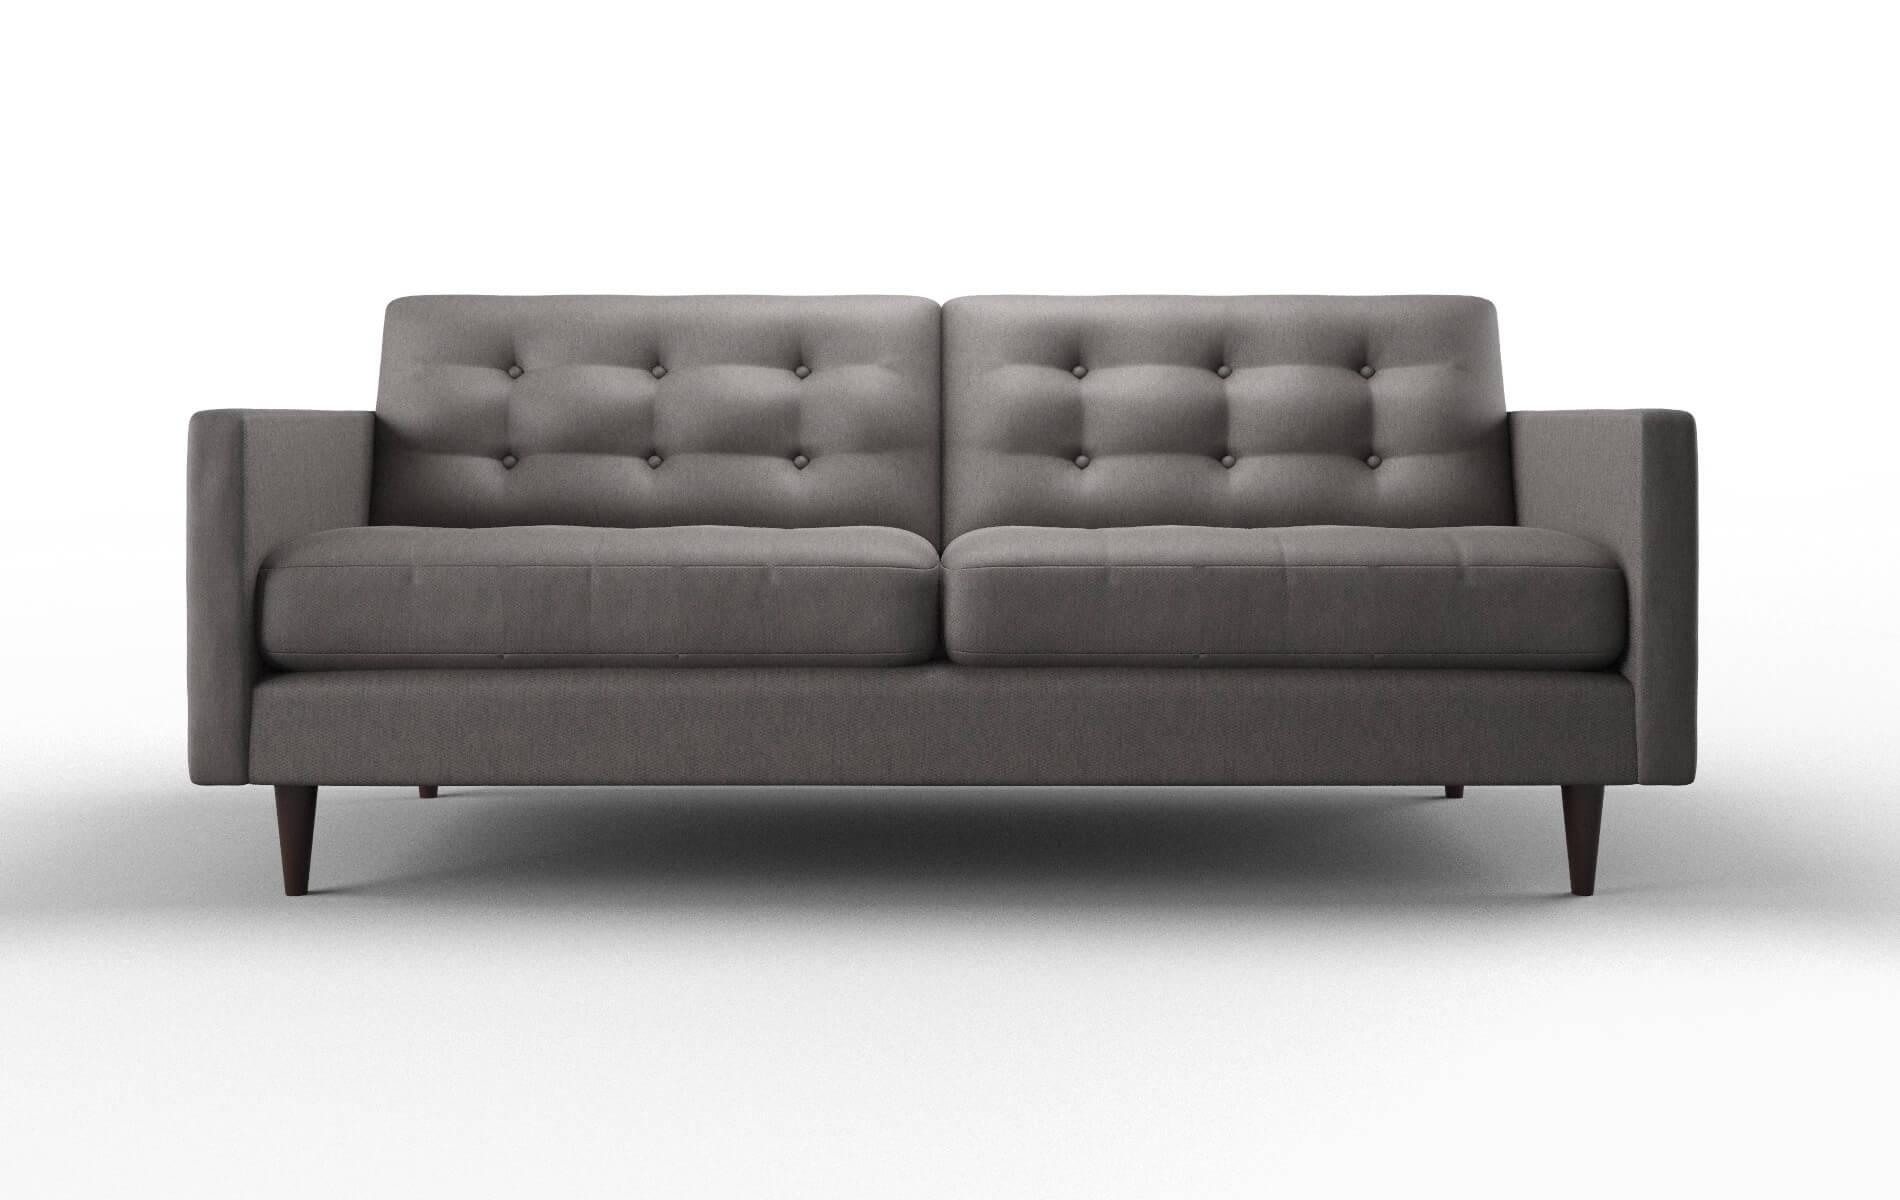 Oslo Cosmo Charcoal Sofa espresso legs 1